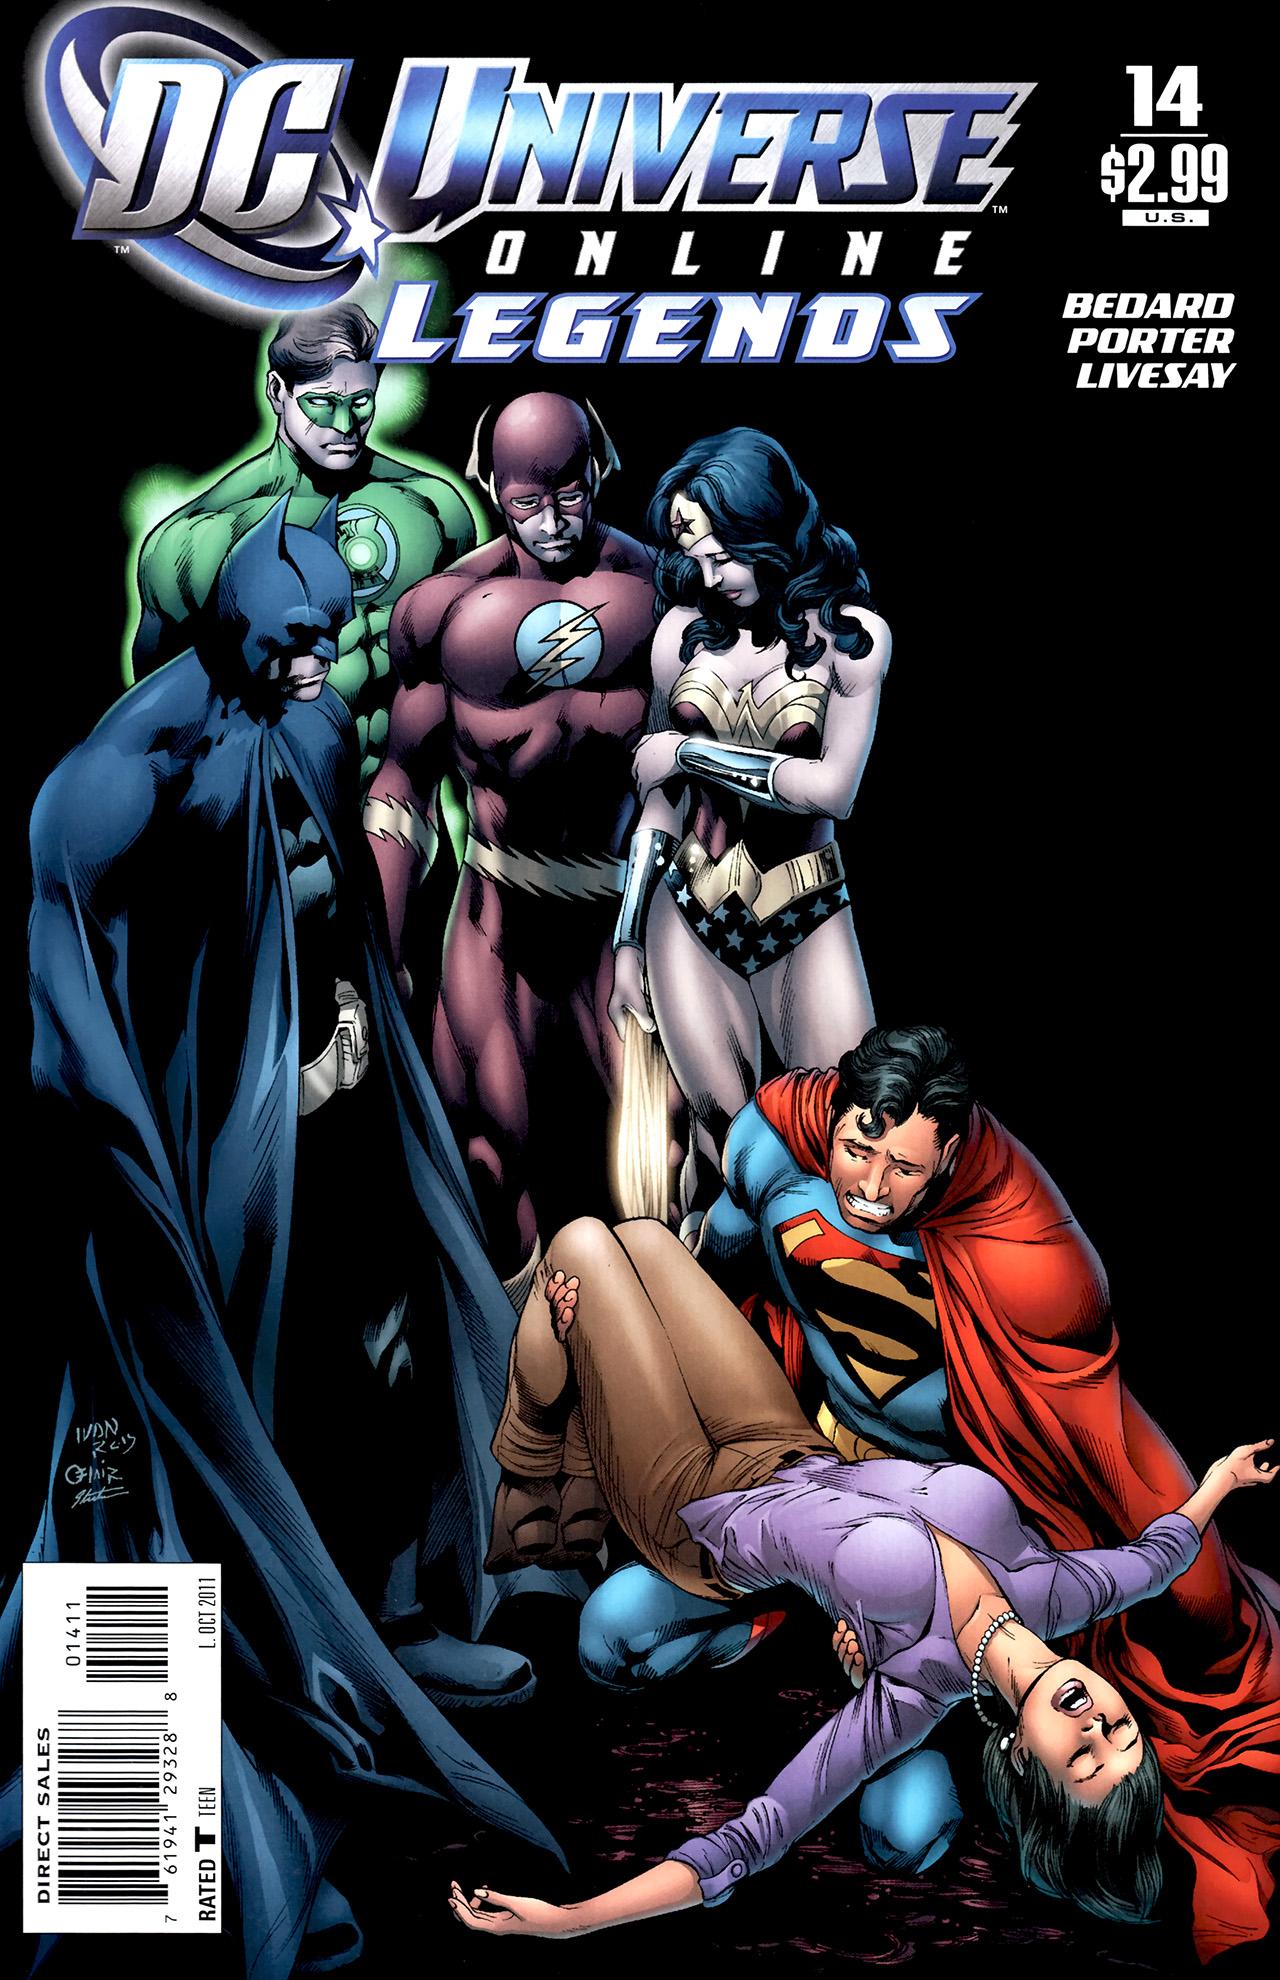 DC Universe Online: Legends 14 Page 1